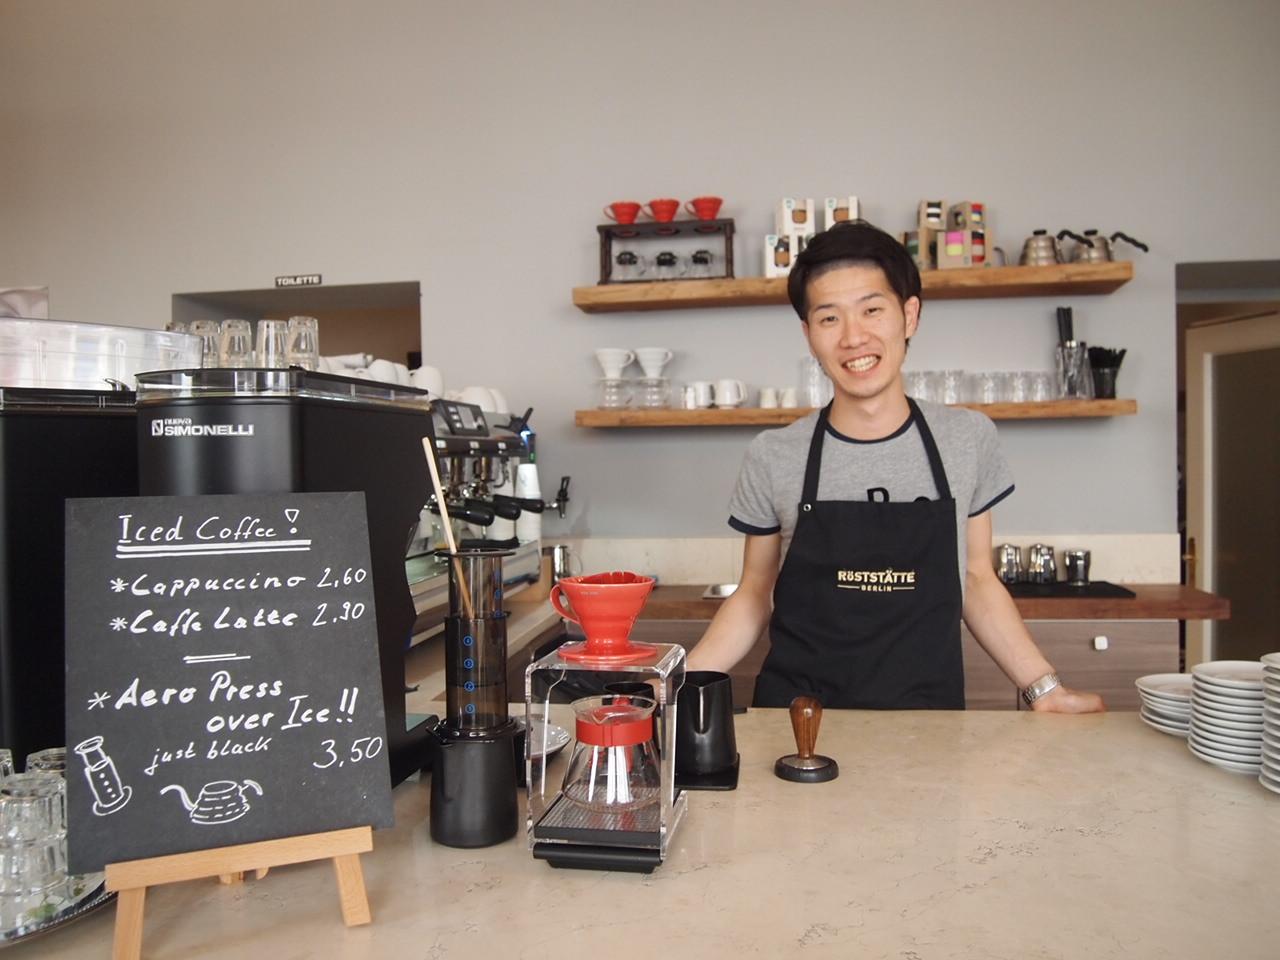 日本人バリスタが働くベルリンのカフェに行ってみて驚いた3つのこと